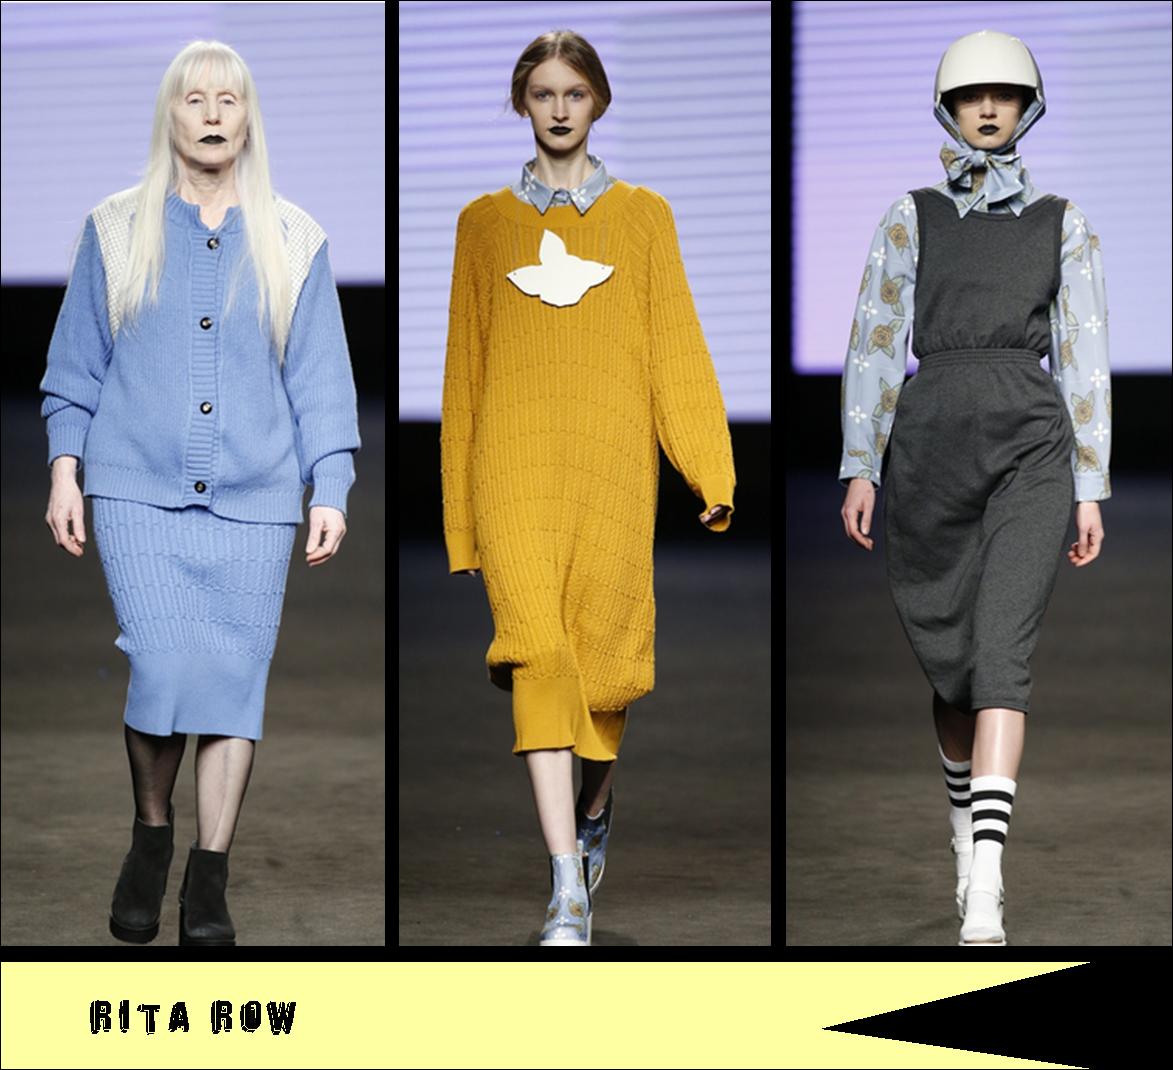 080 Rita Row